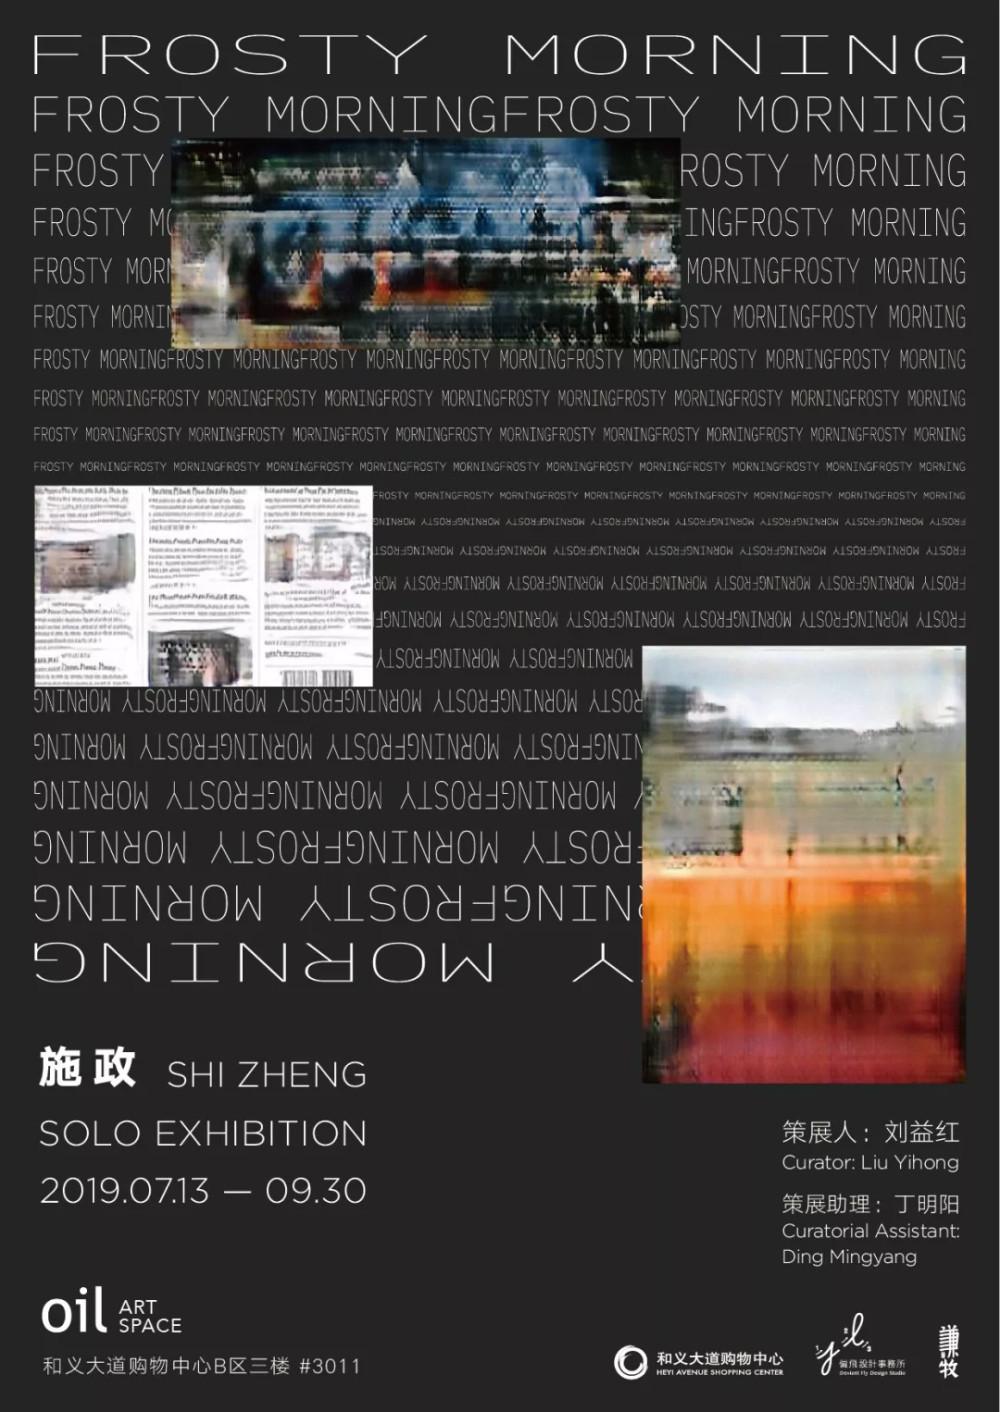 施政 FROSTY MORNING 个展7月13日登陆宁波!Oil ART SPACE 新展来袭